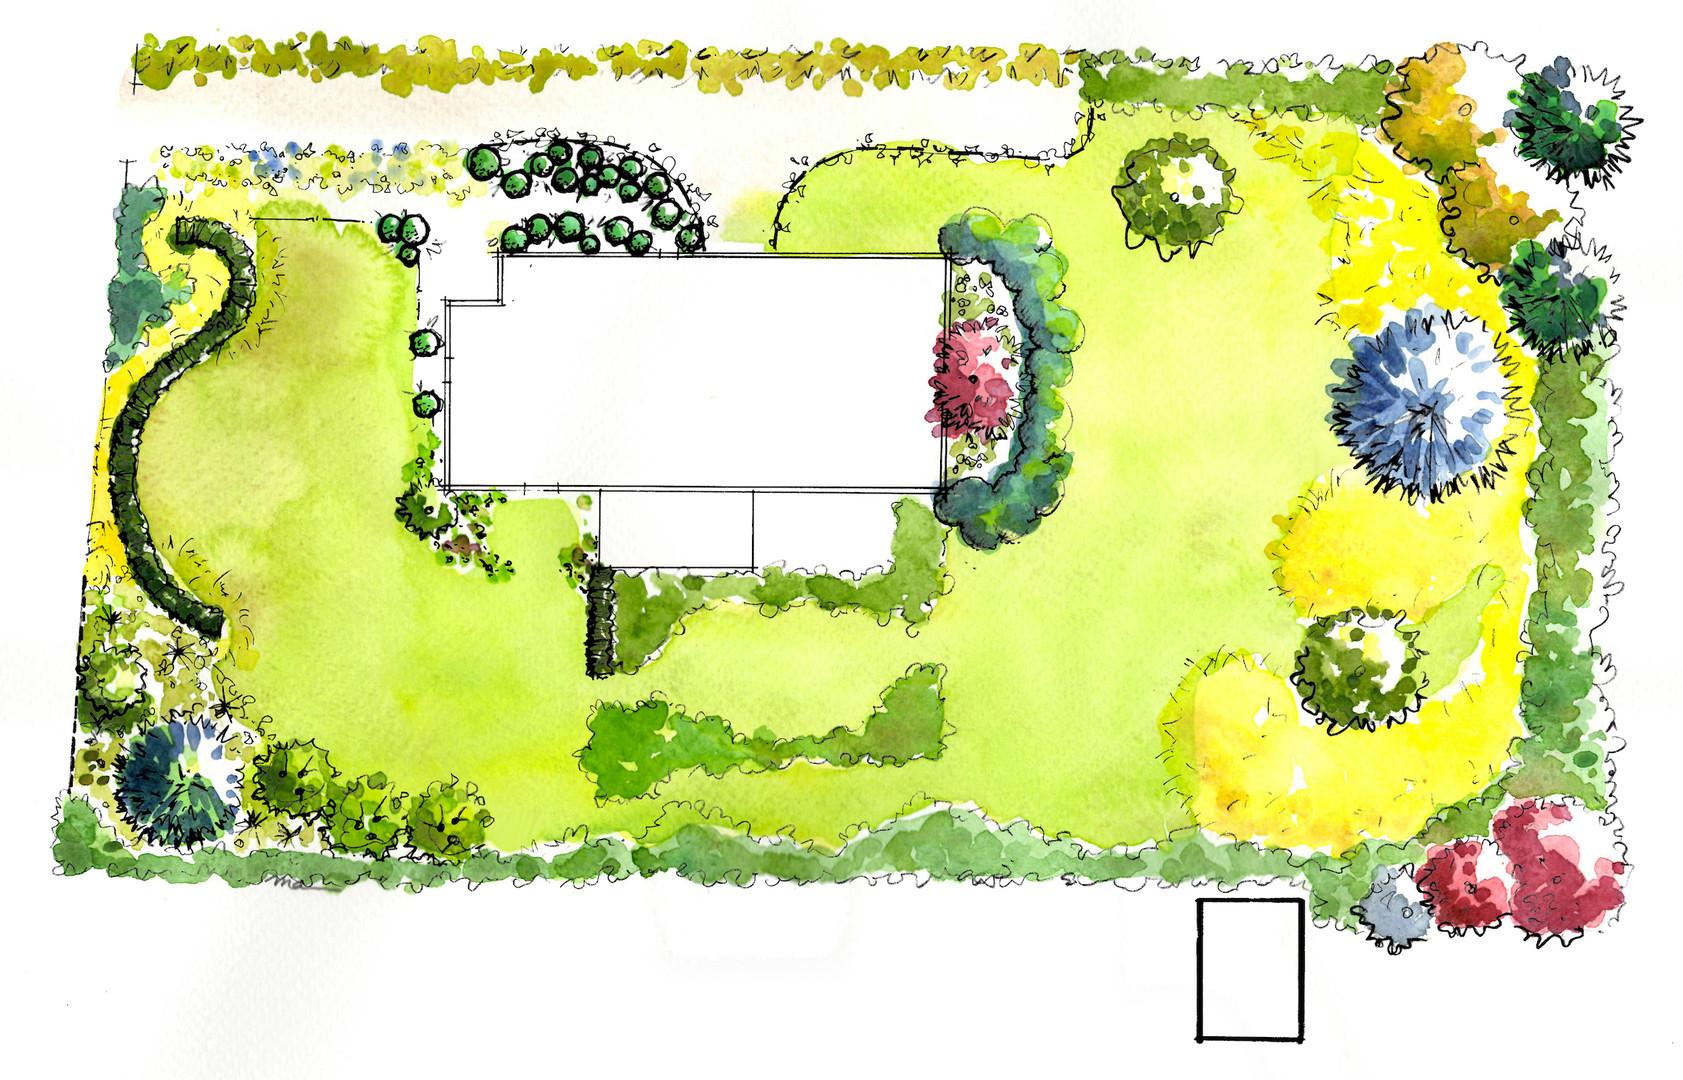 Aménagement du jardin existant - 5000 m2